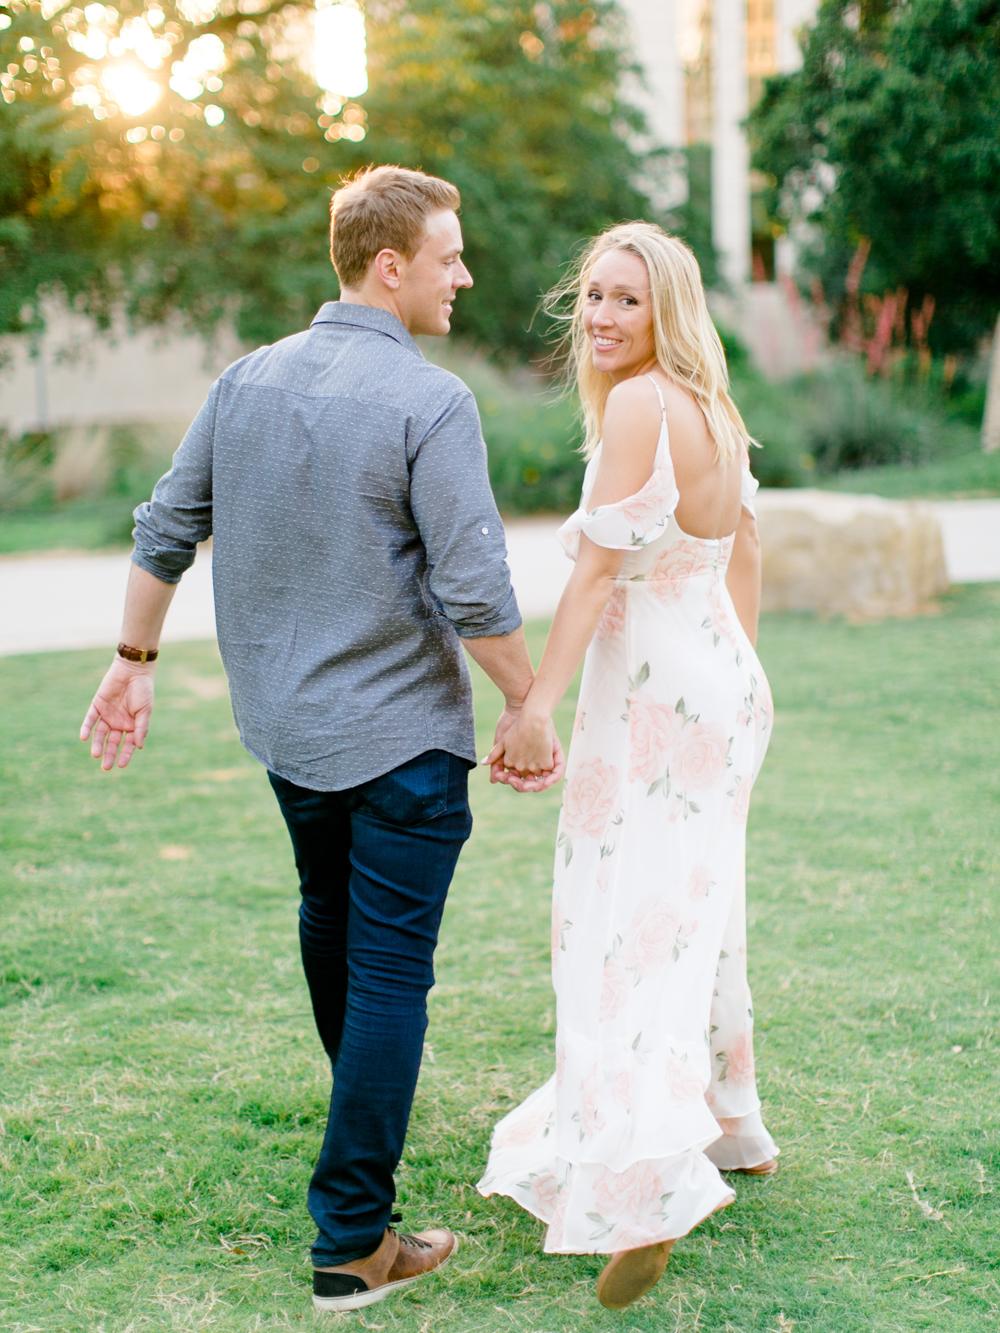 Best-Austin-Denver-California-Wedding-Photographers-fine-art-film-Engagement-Session-111.jpg